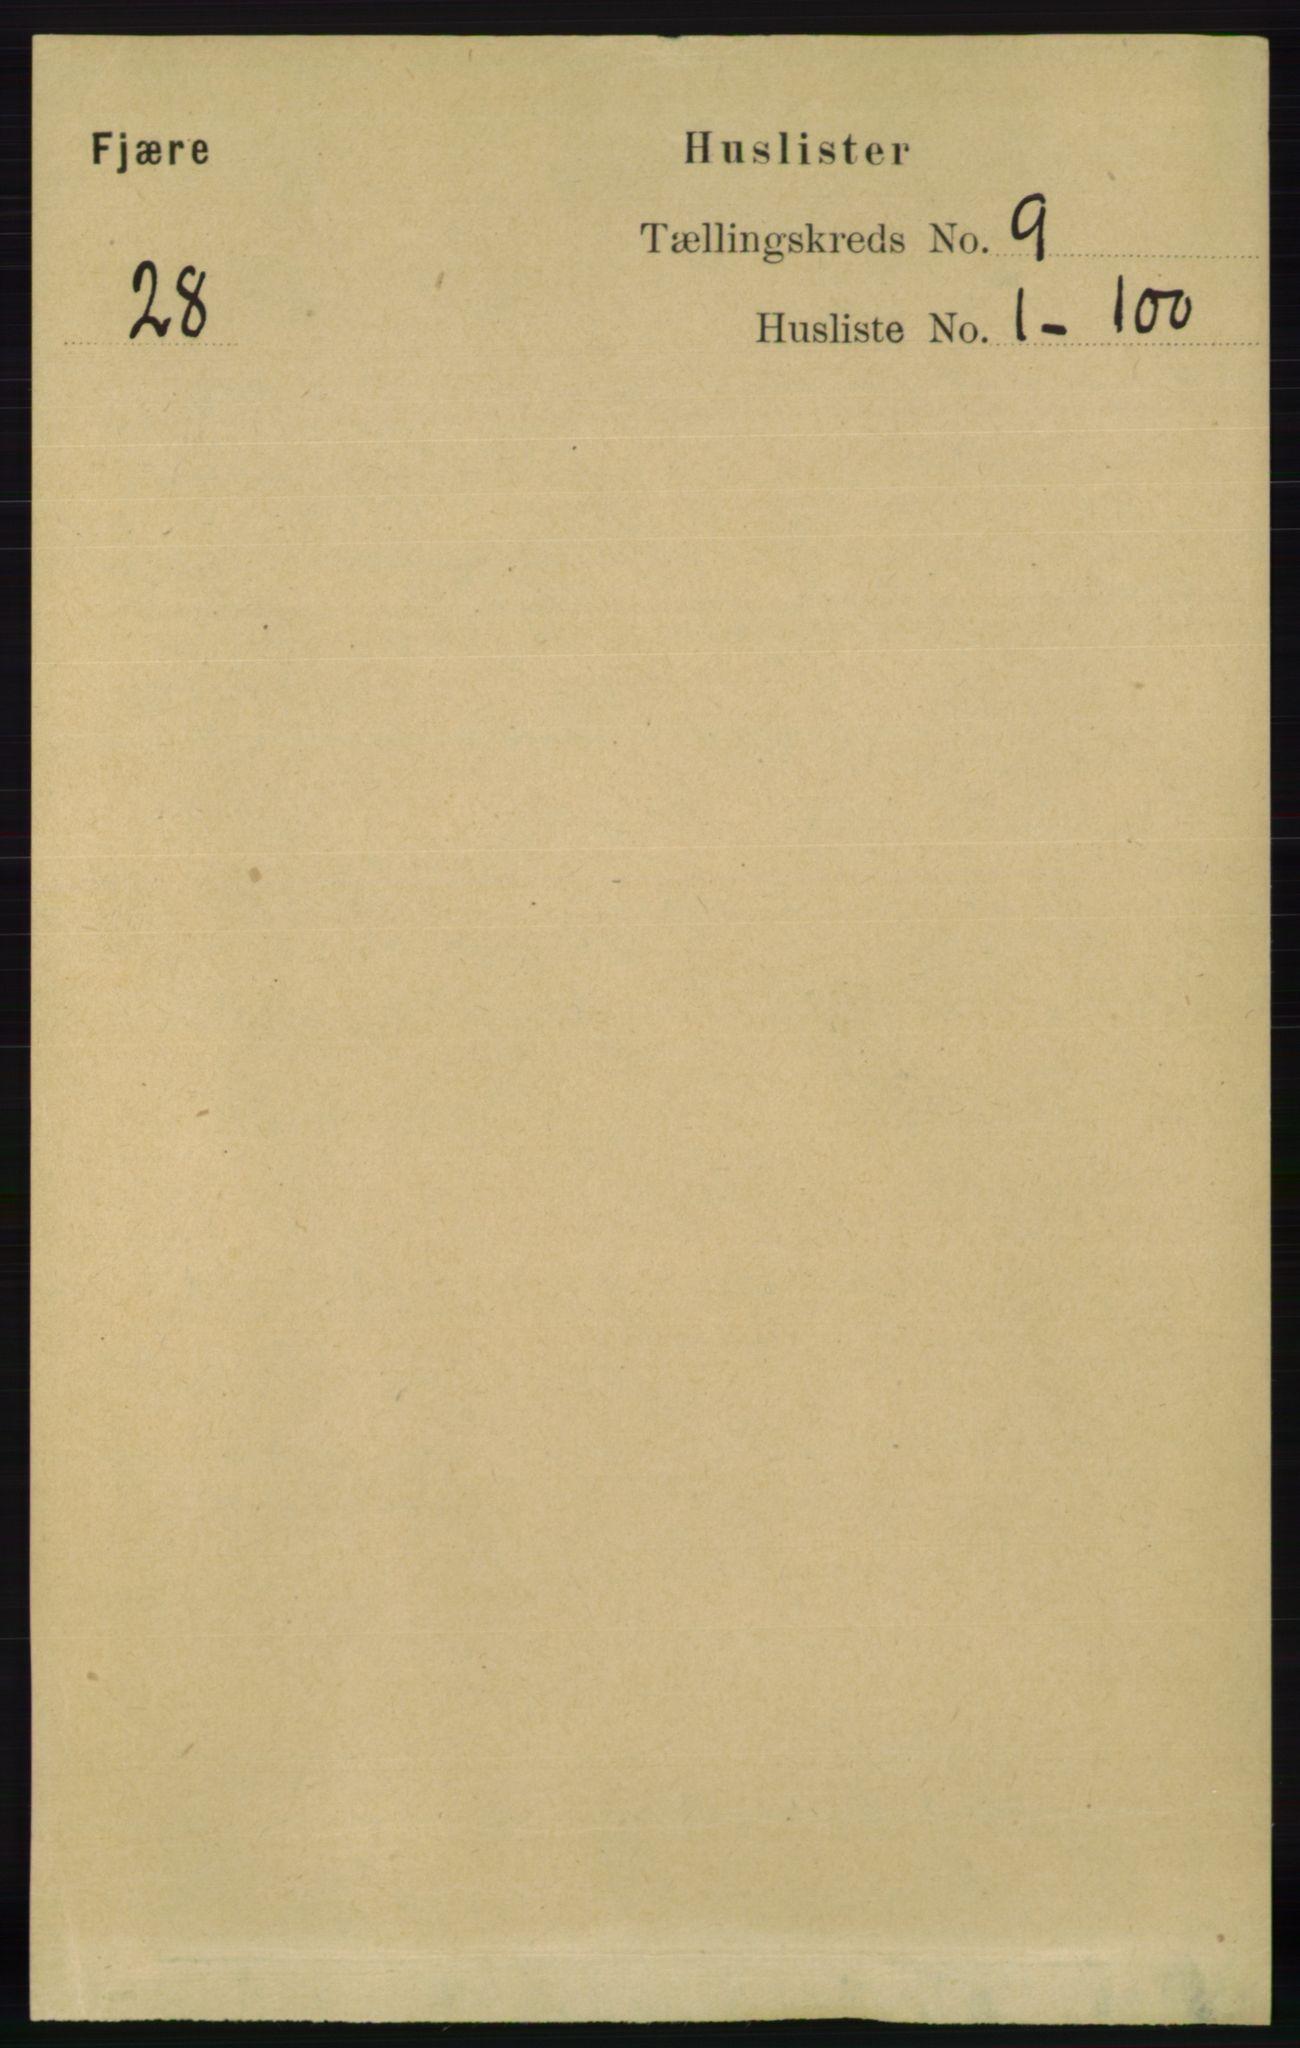 RA, Folketelling 1891 for 0923 Fjære herred, 1891, s. 4097